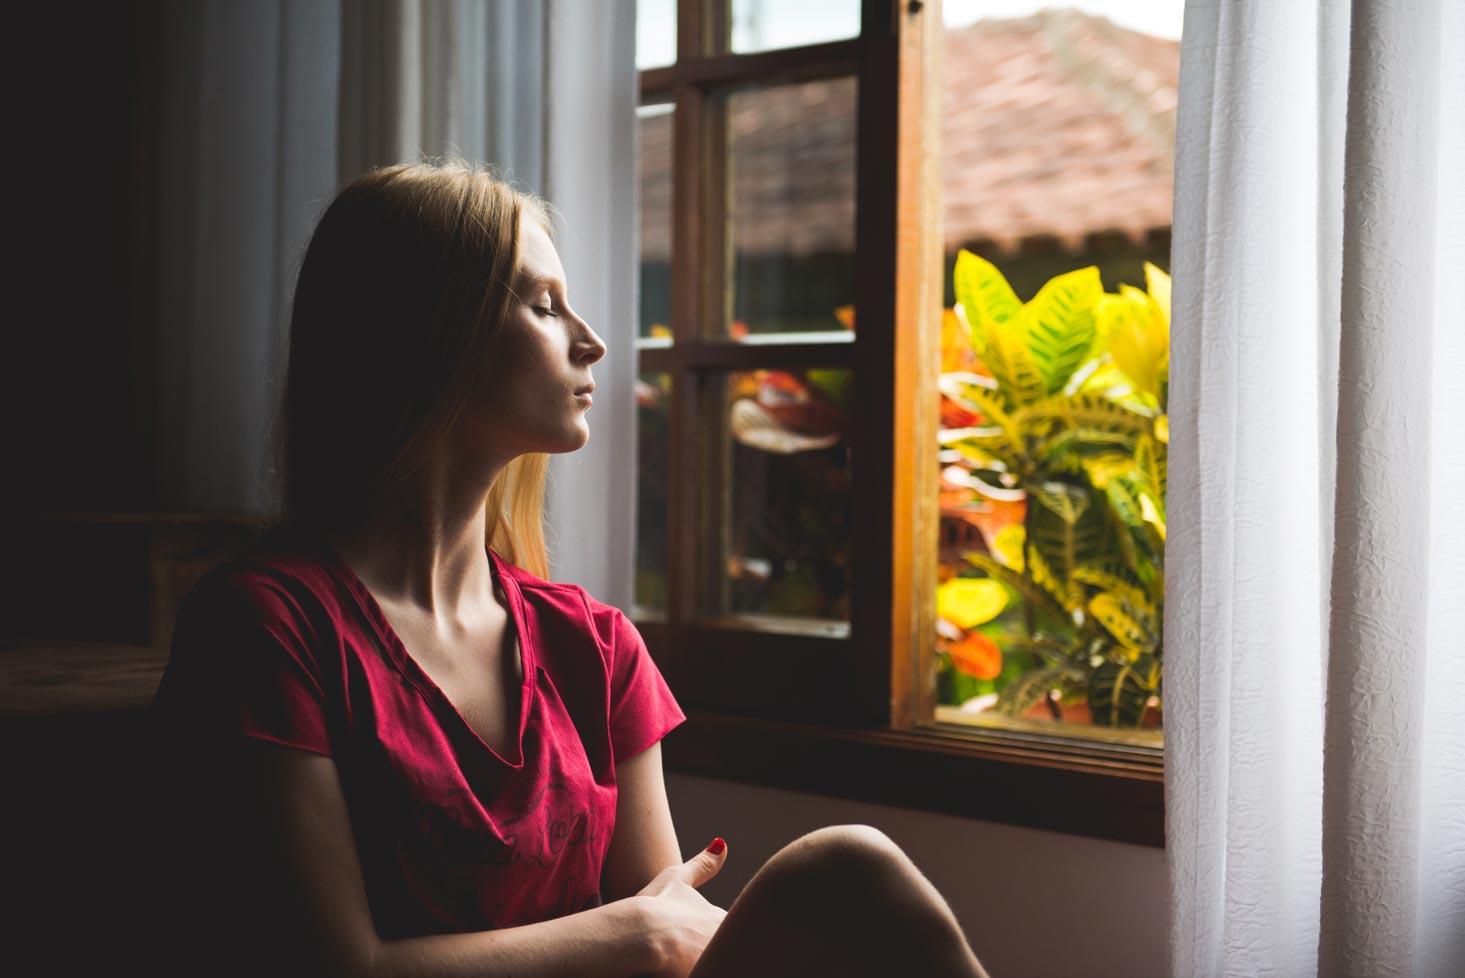 سلامت ذهنی بیشتر با چند روش مهم و اساسی که هر کس باید بداند